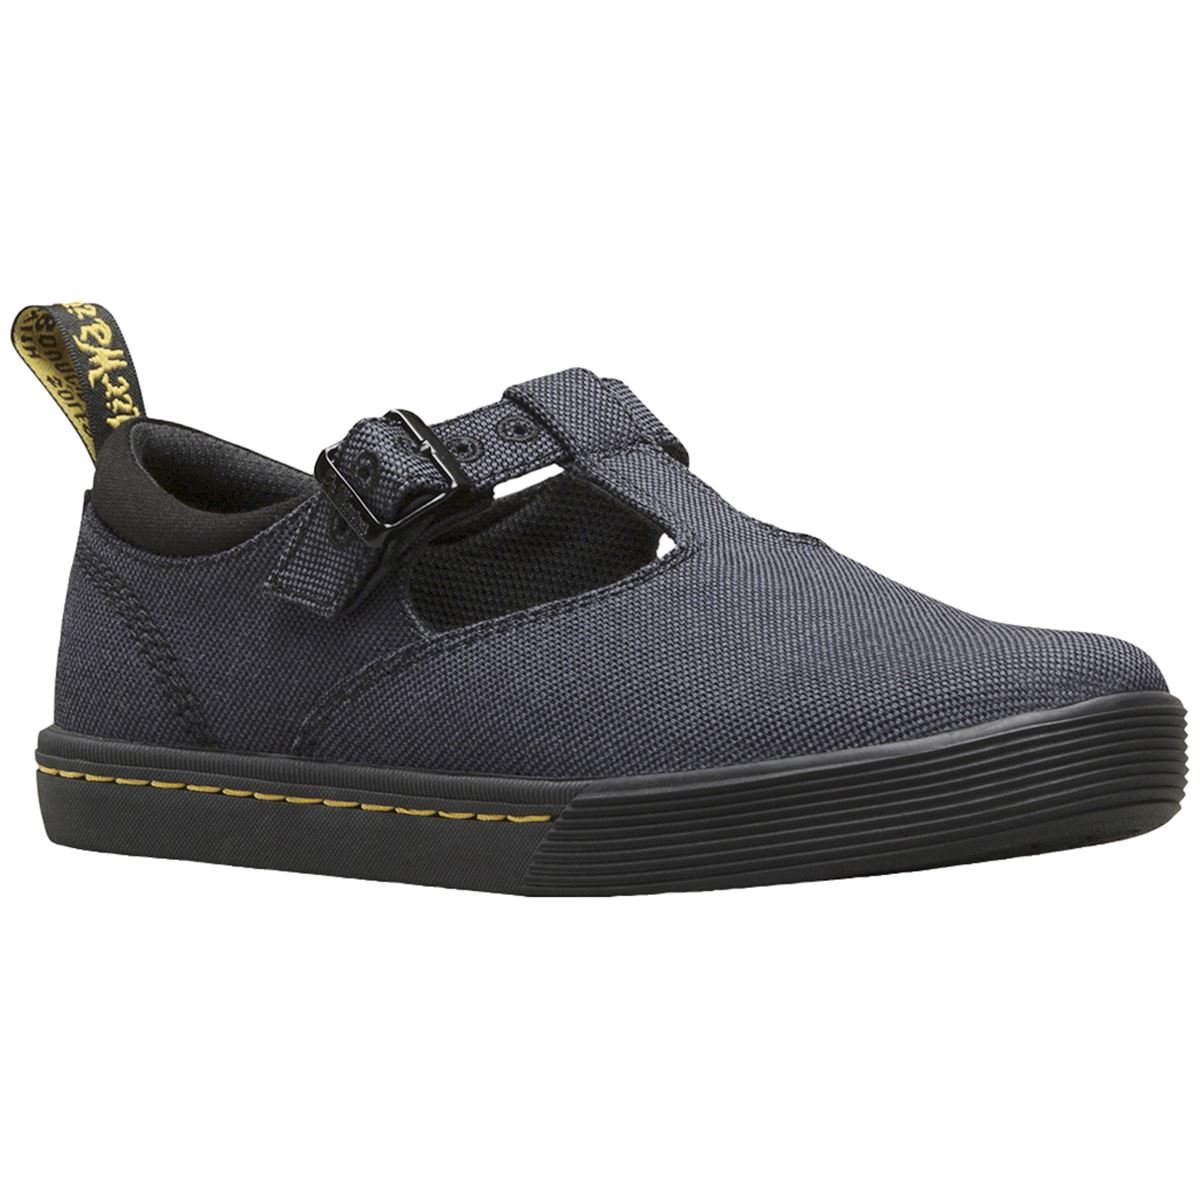 Dr. Martens Womens Winona Black Canvas Shoes 40 EU